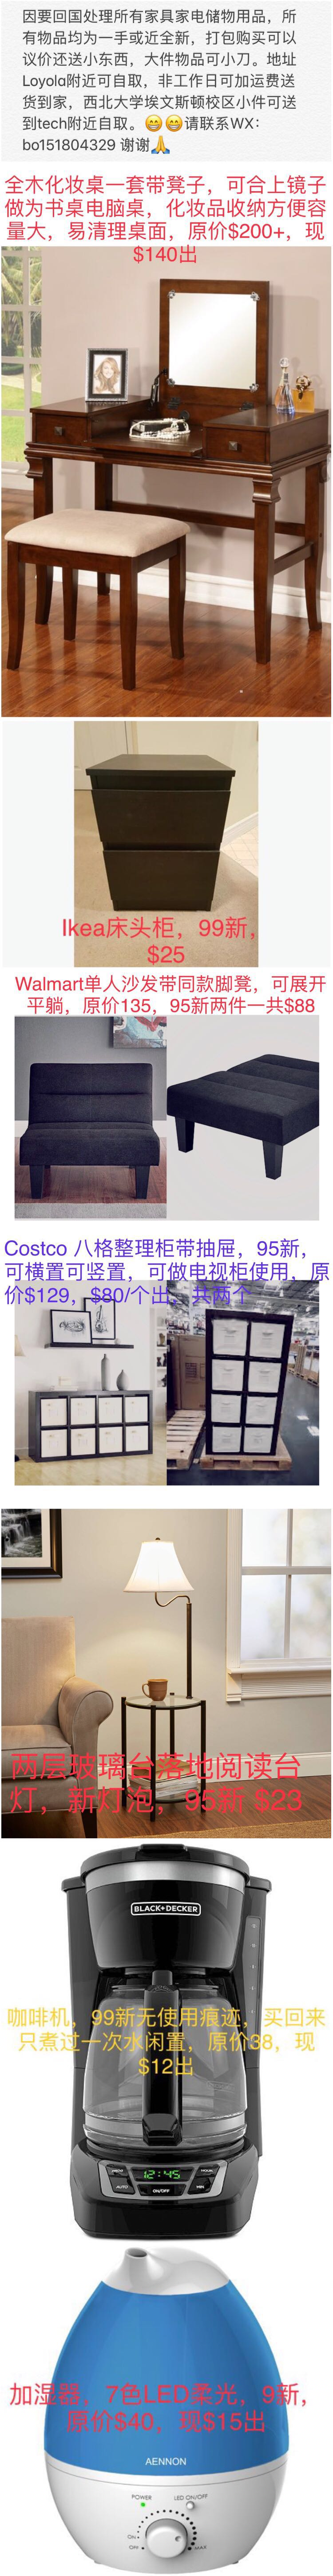 出闲置家具家电整理用品,欢迎议价,打包出售更优惠,欢迎自取也可加运费送货上门